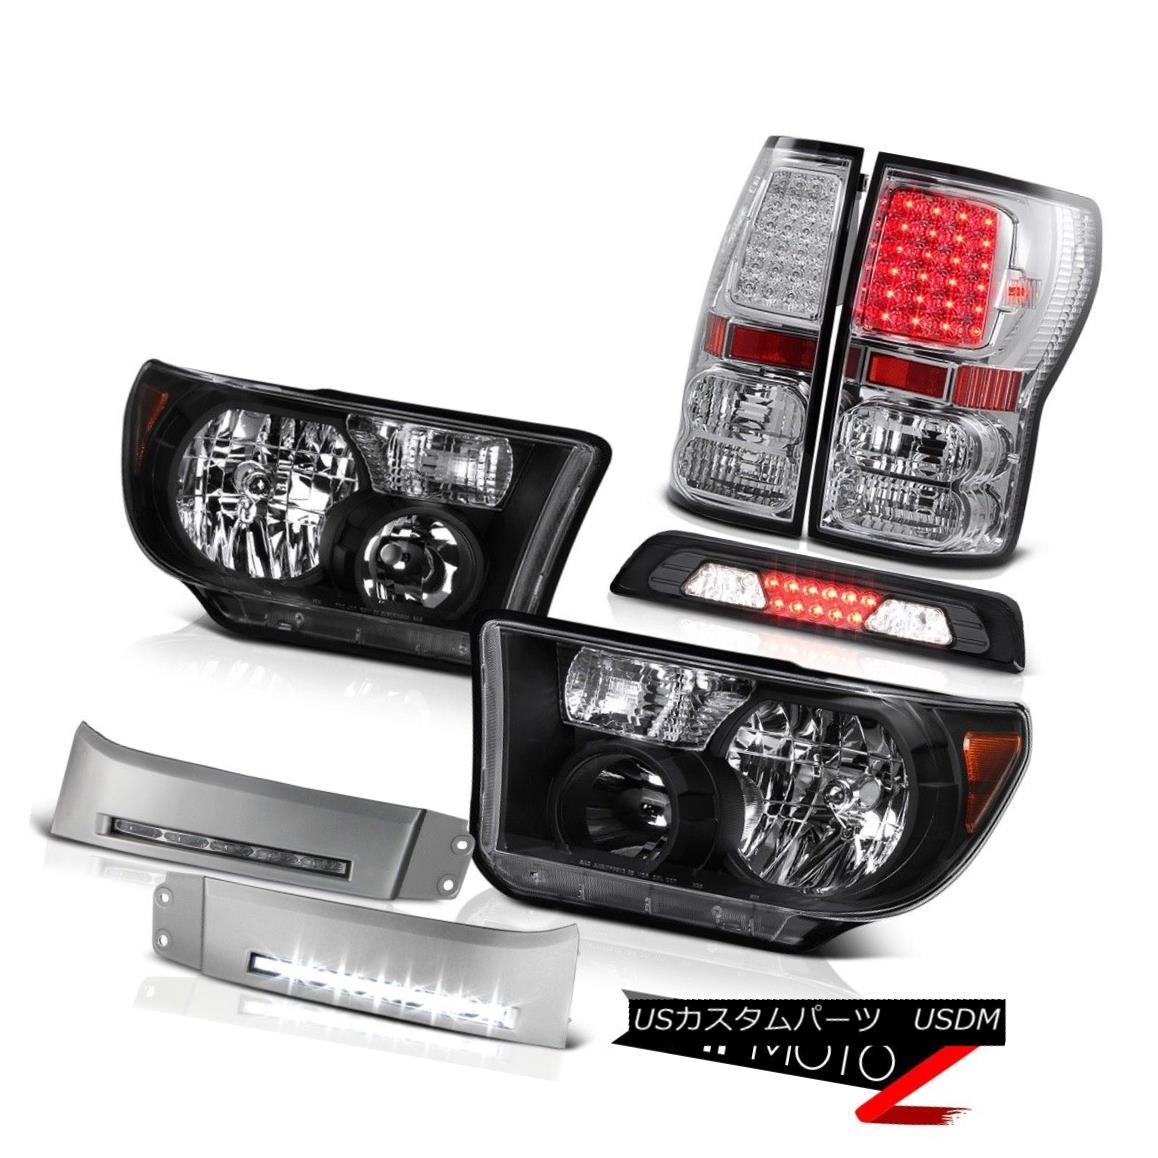 テールライト 07-13 Toyota Tundra Platinum Black Headlights DRL Strip Roof Cab Light Taillamps 07-13トヨタ・トンドラ・プラチナブラックヘッドライトDRLストリップルーフキャブライト・タイルランプ